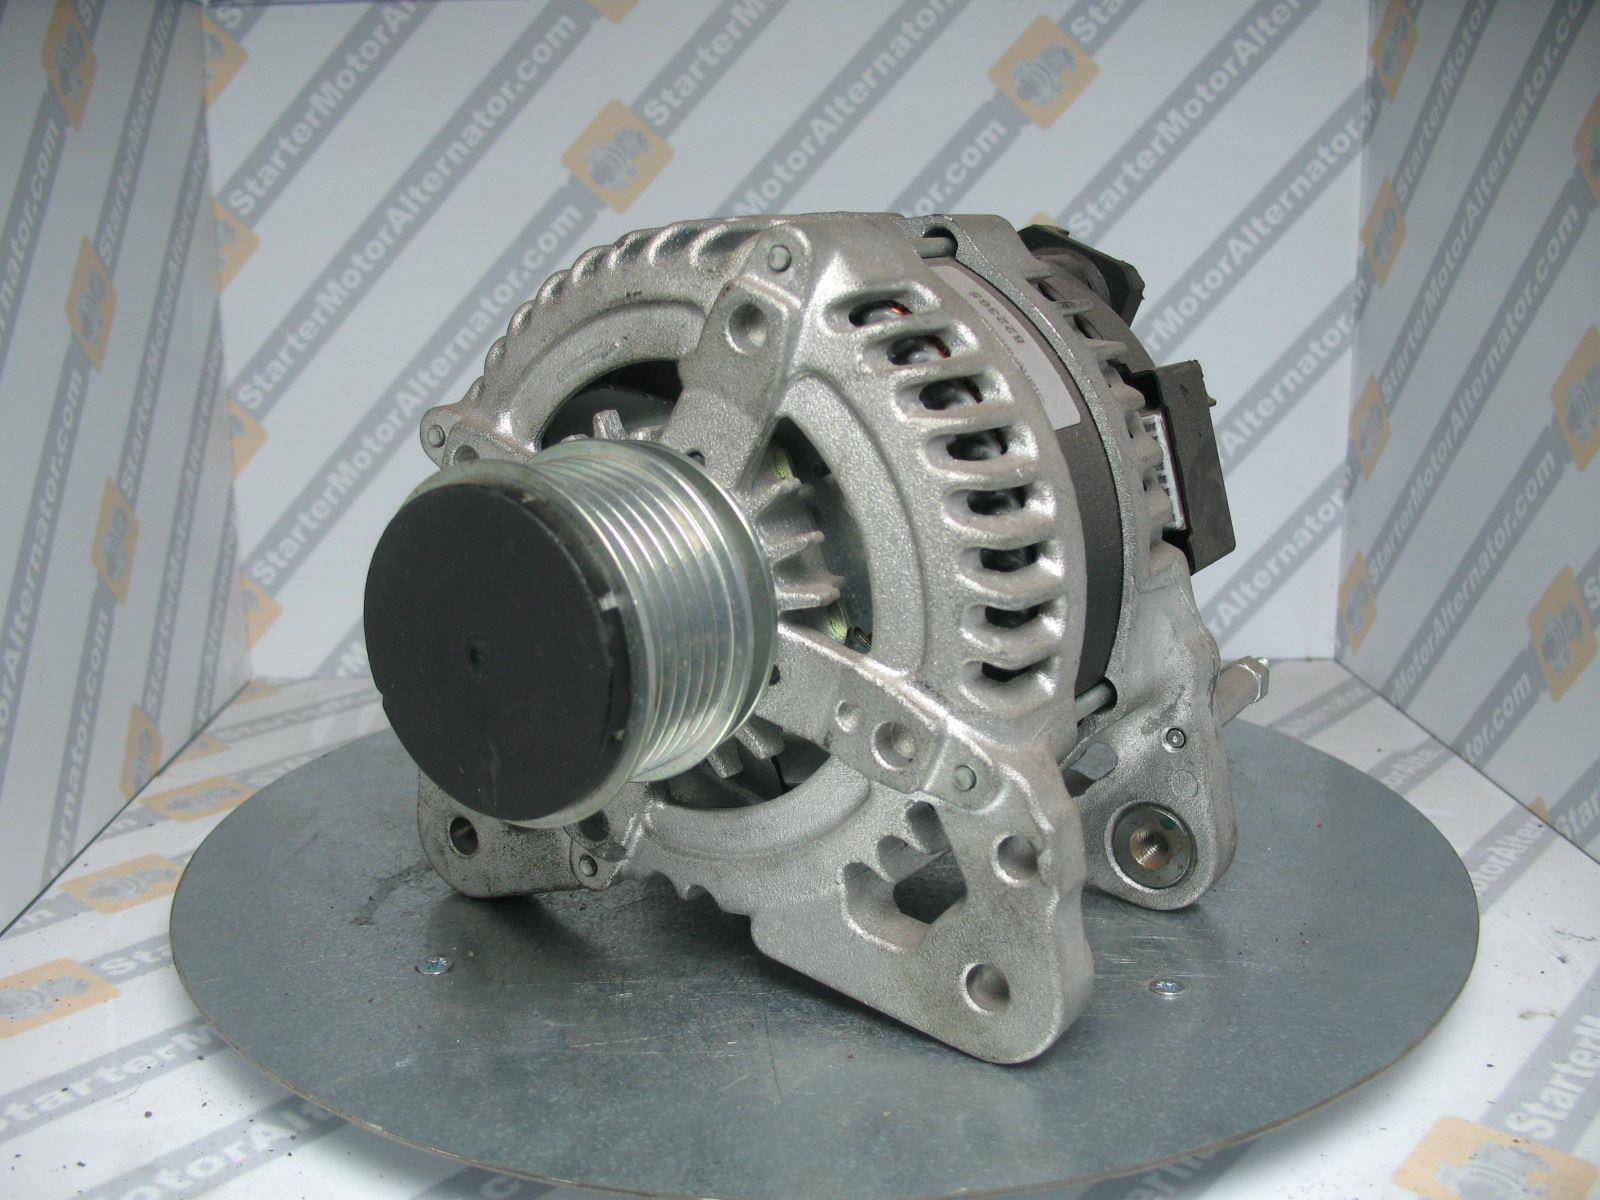 XIK3874 Alternator For Volkswagen